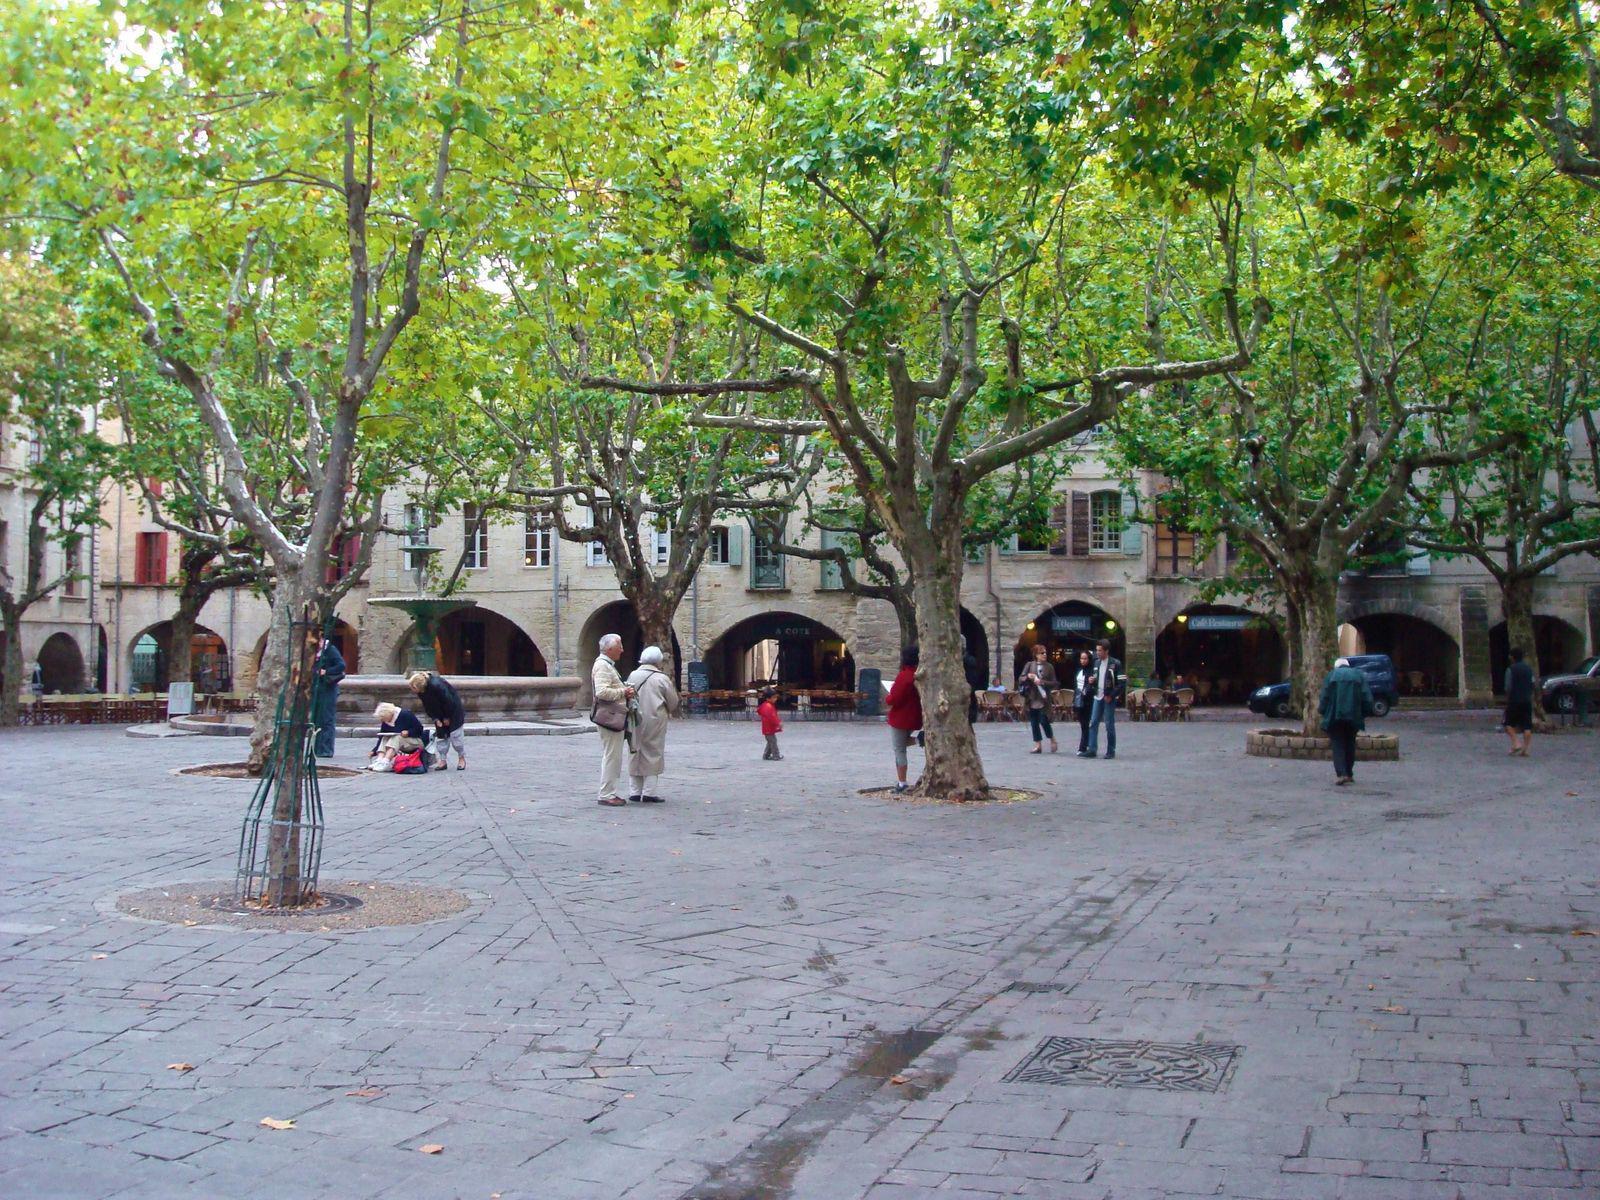 Image : Place aux Herbes